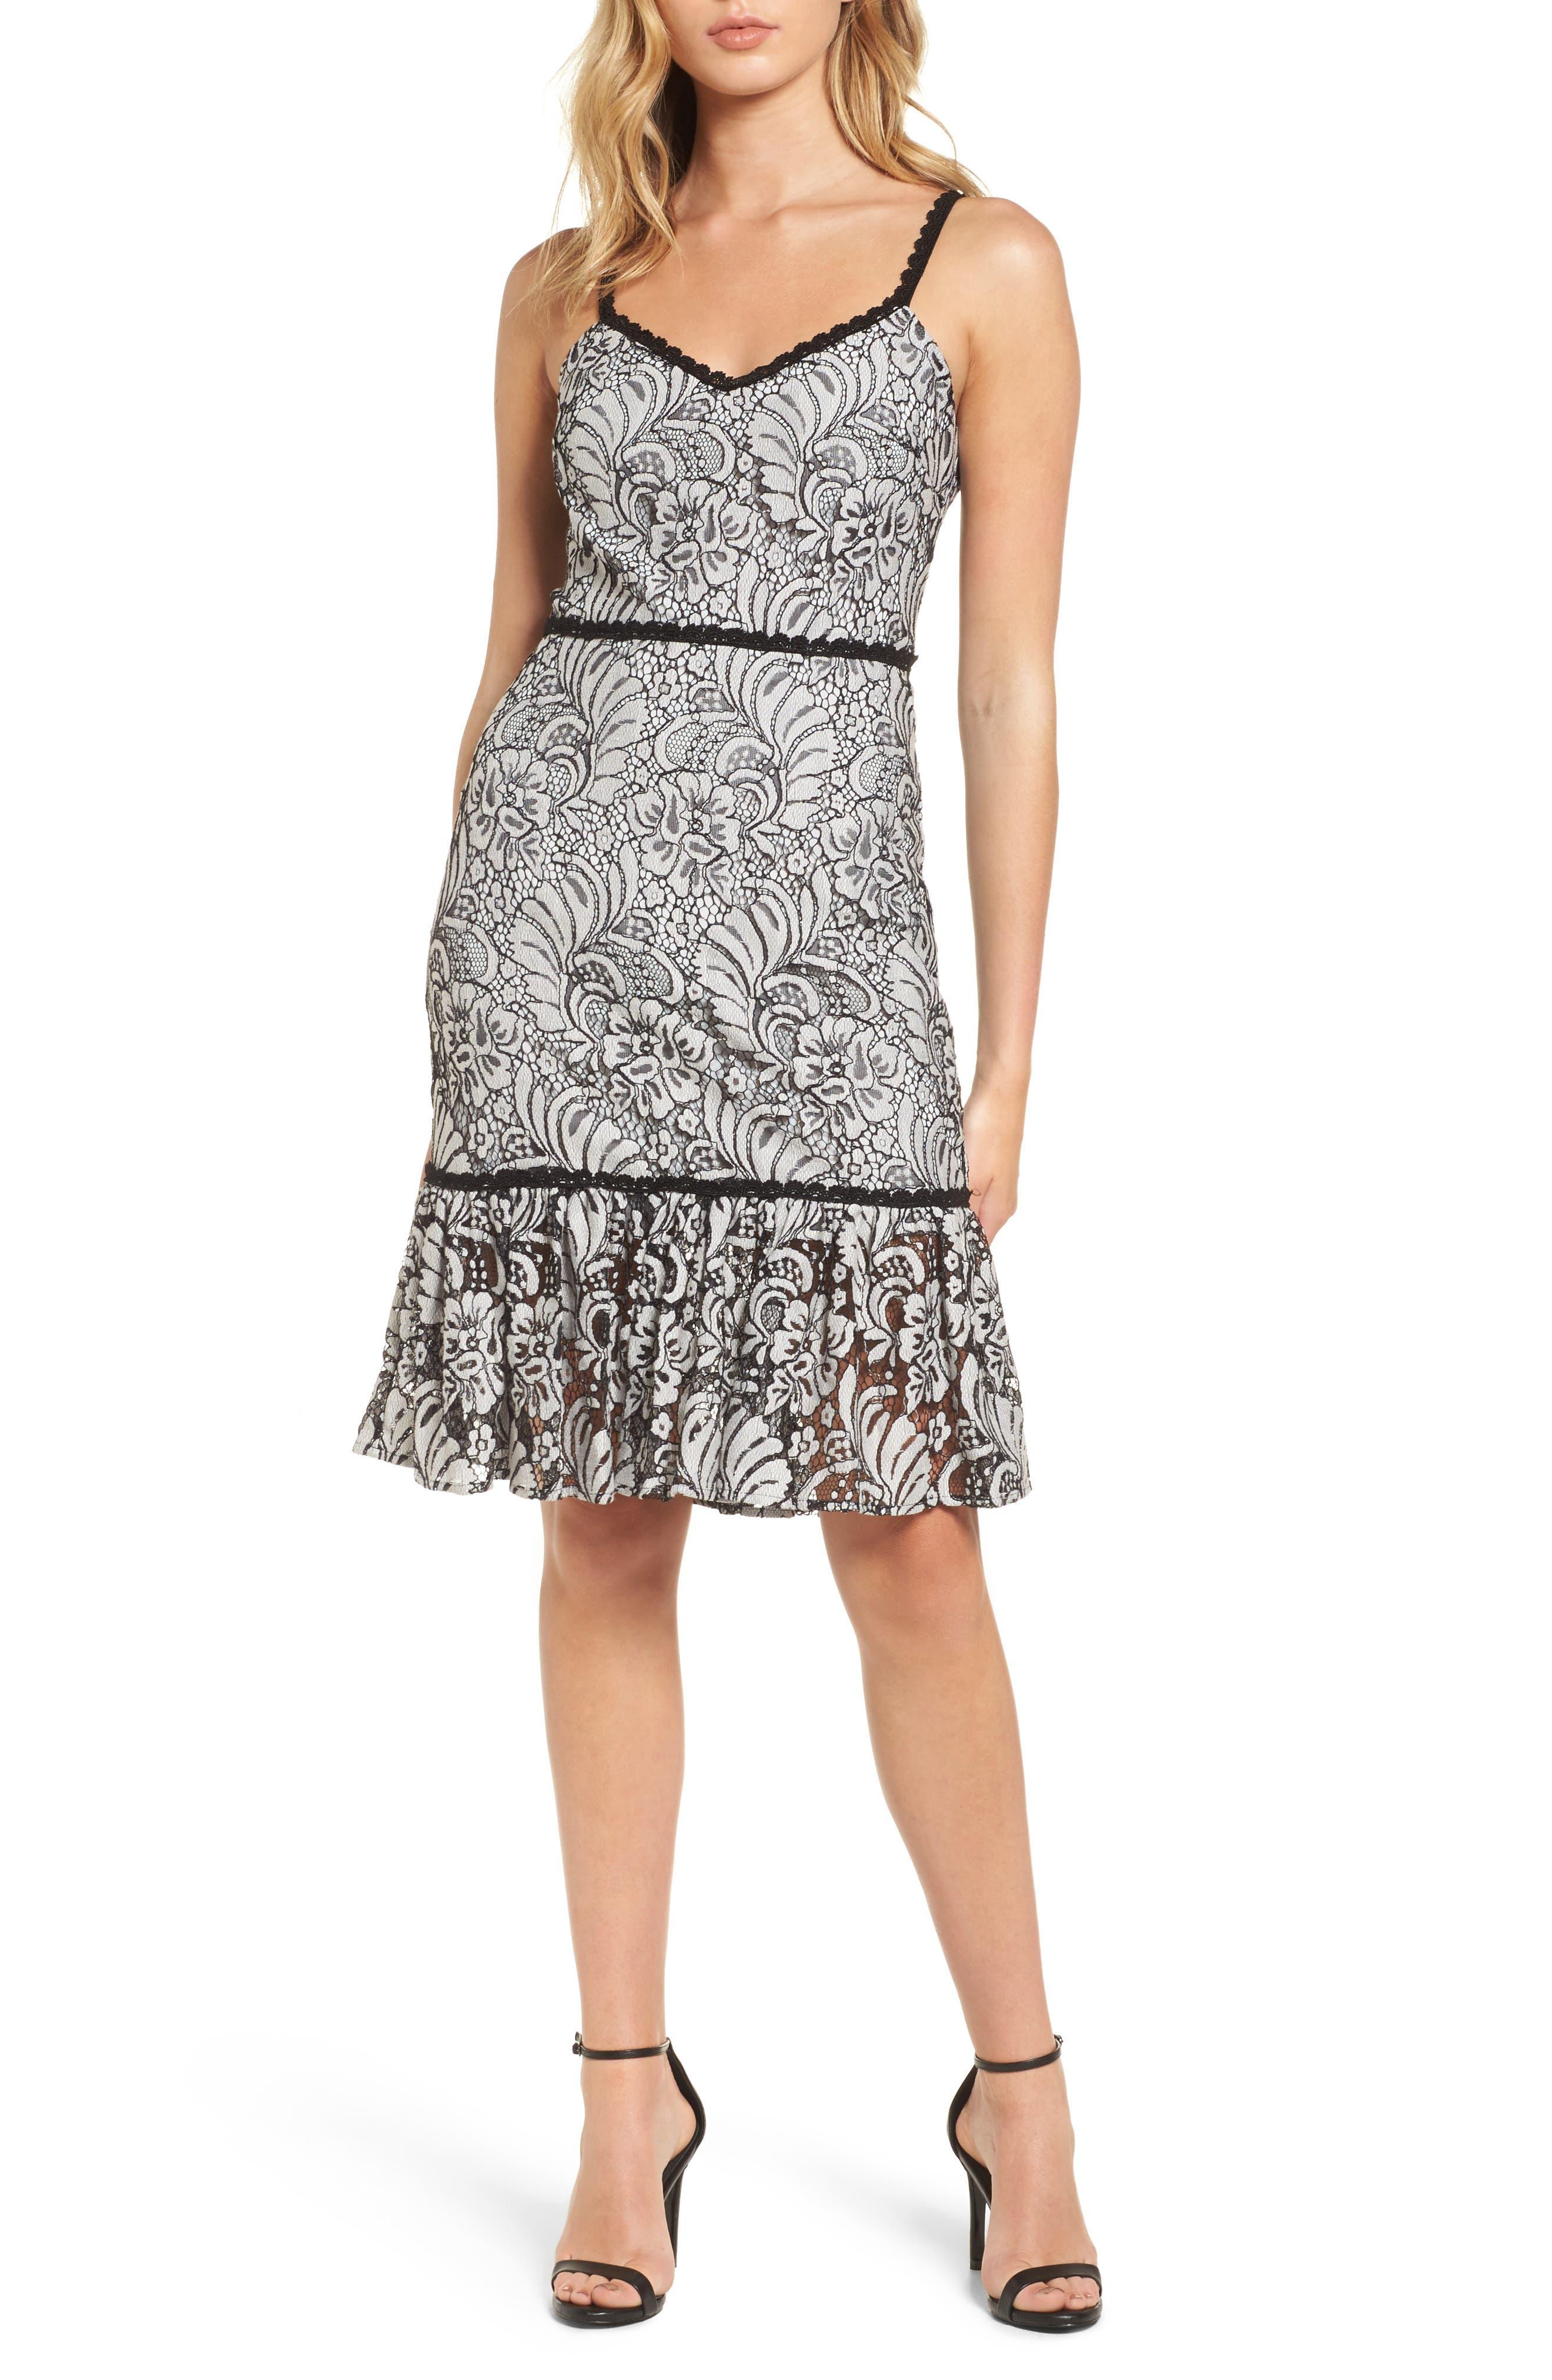 Sue Lace Dress,                         Main,                         color, Ivory/ Black